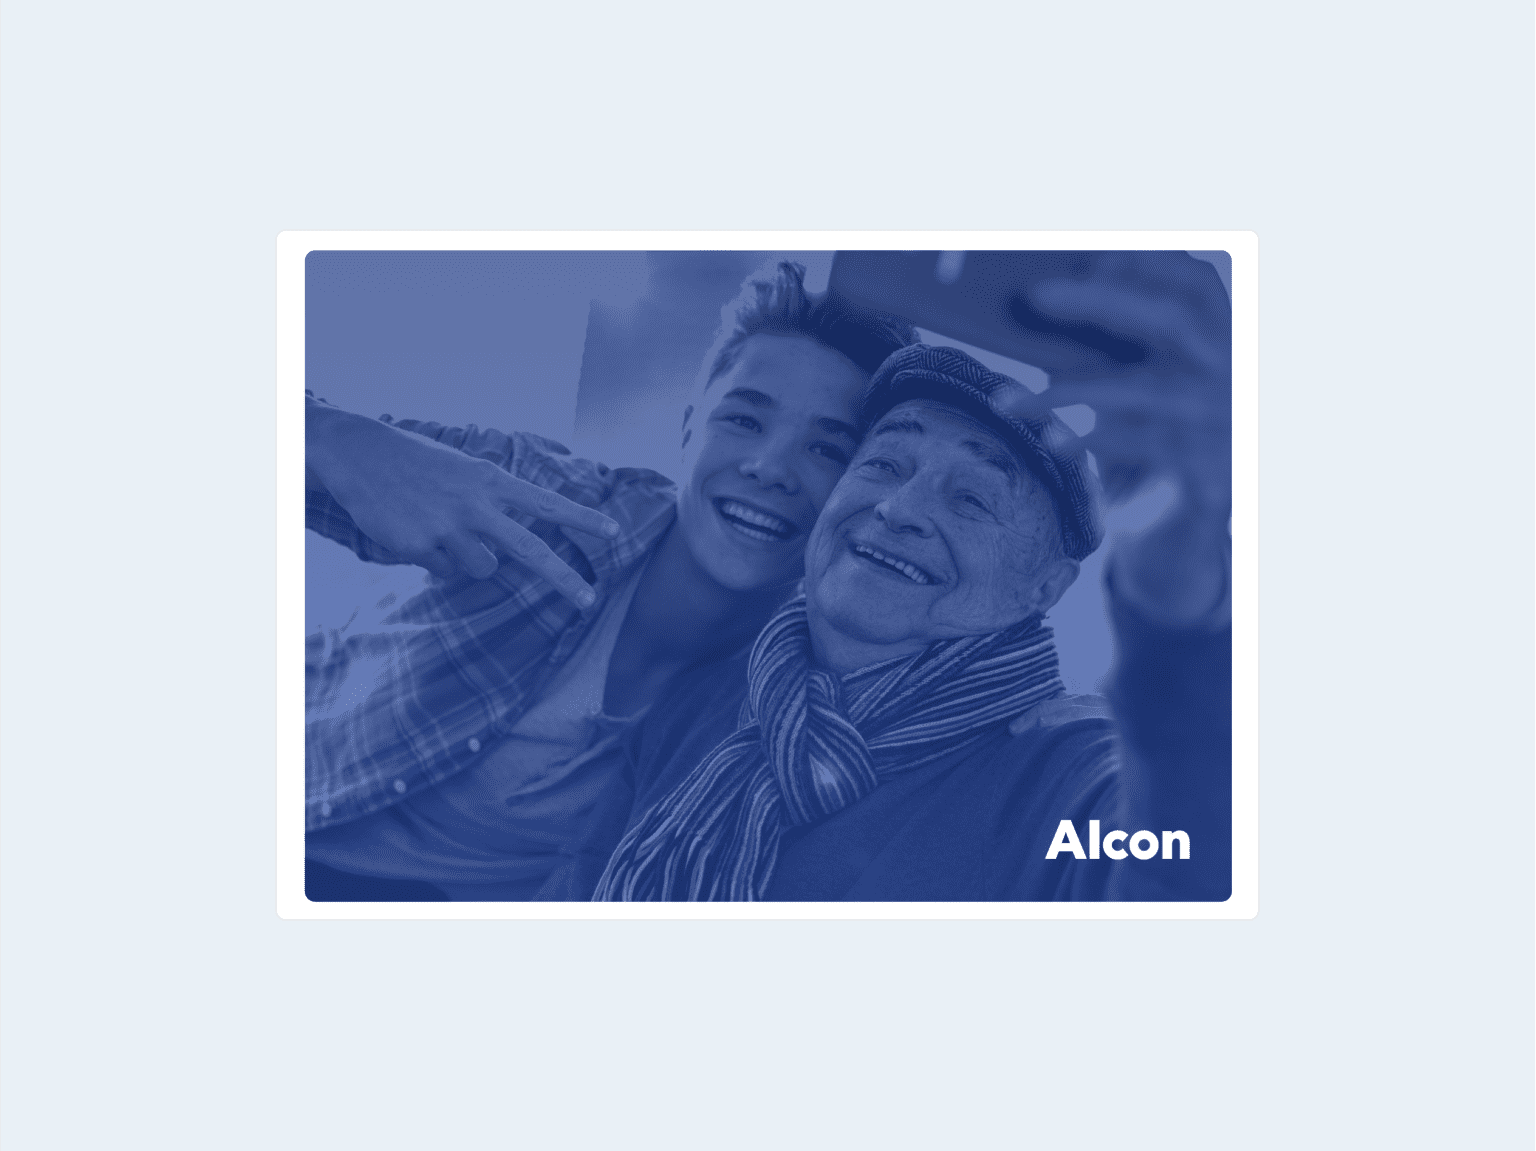 Alcon SaaS Platform